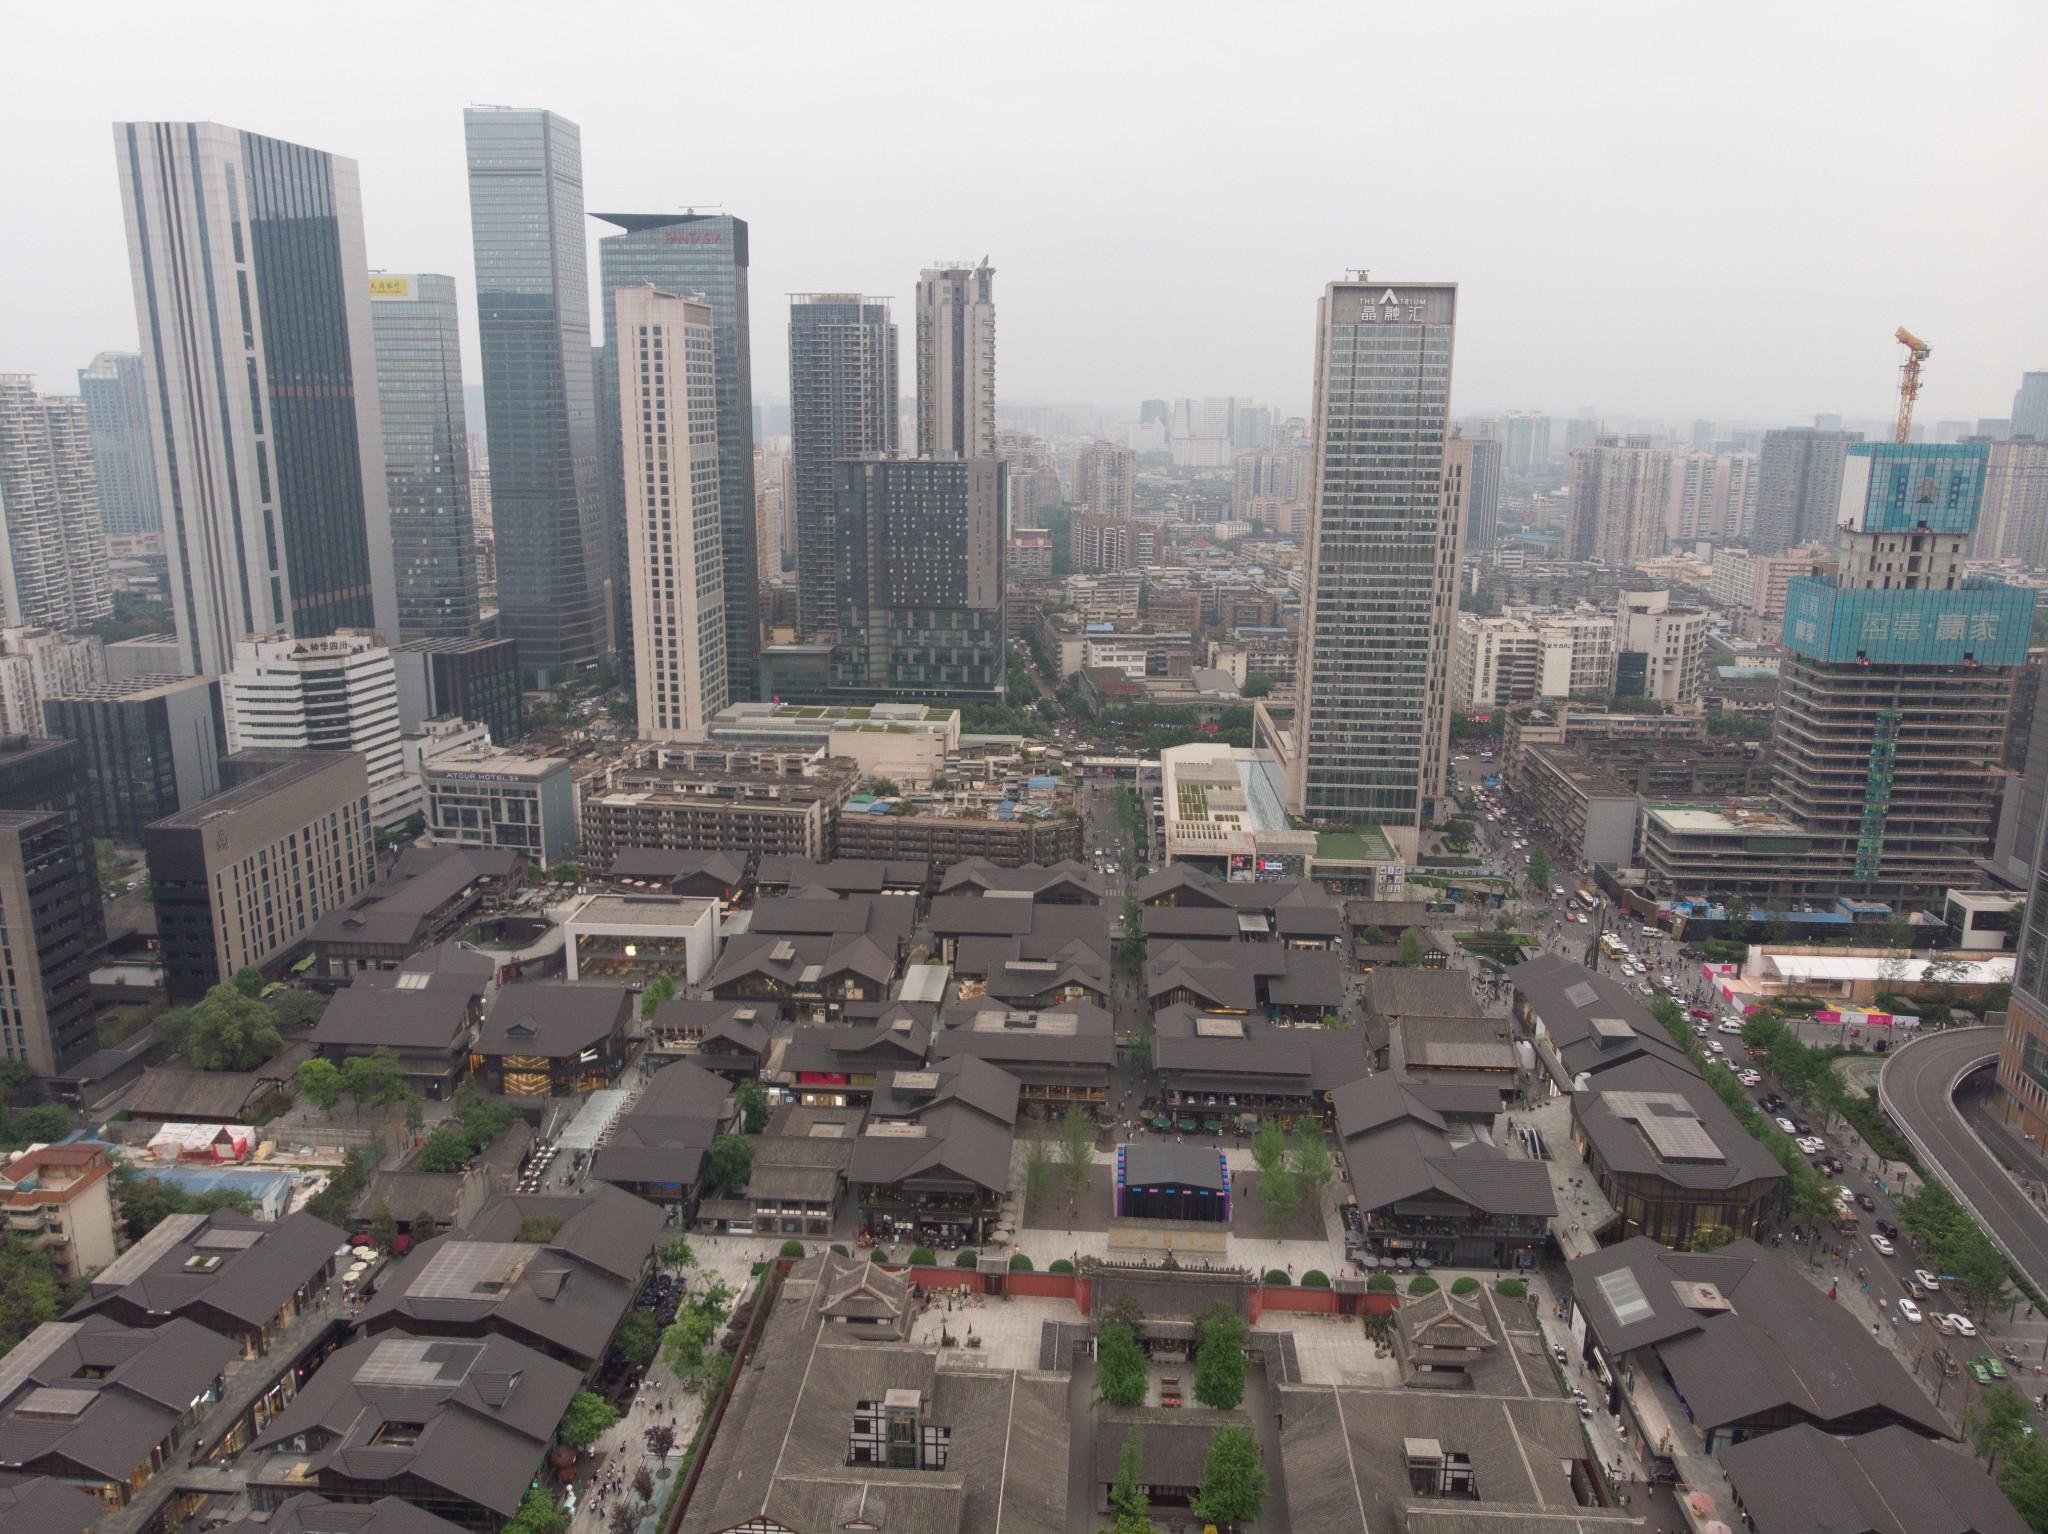 China ChengDu taikooli